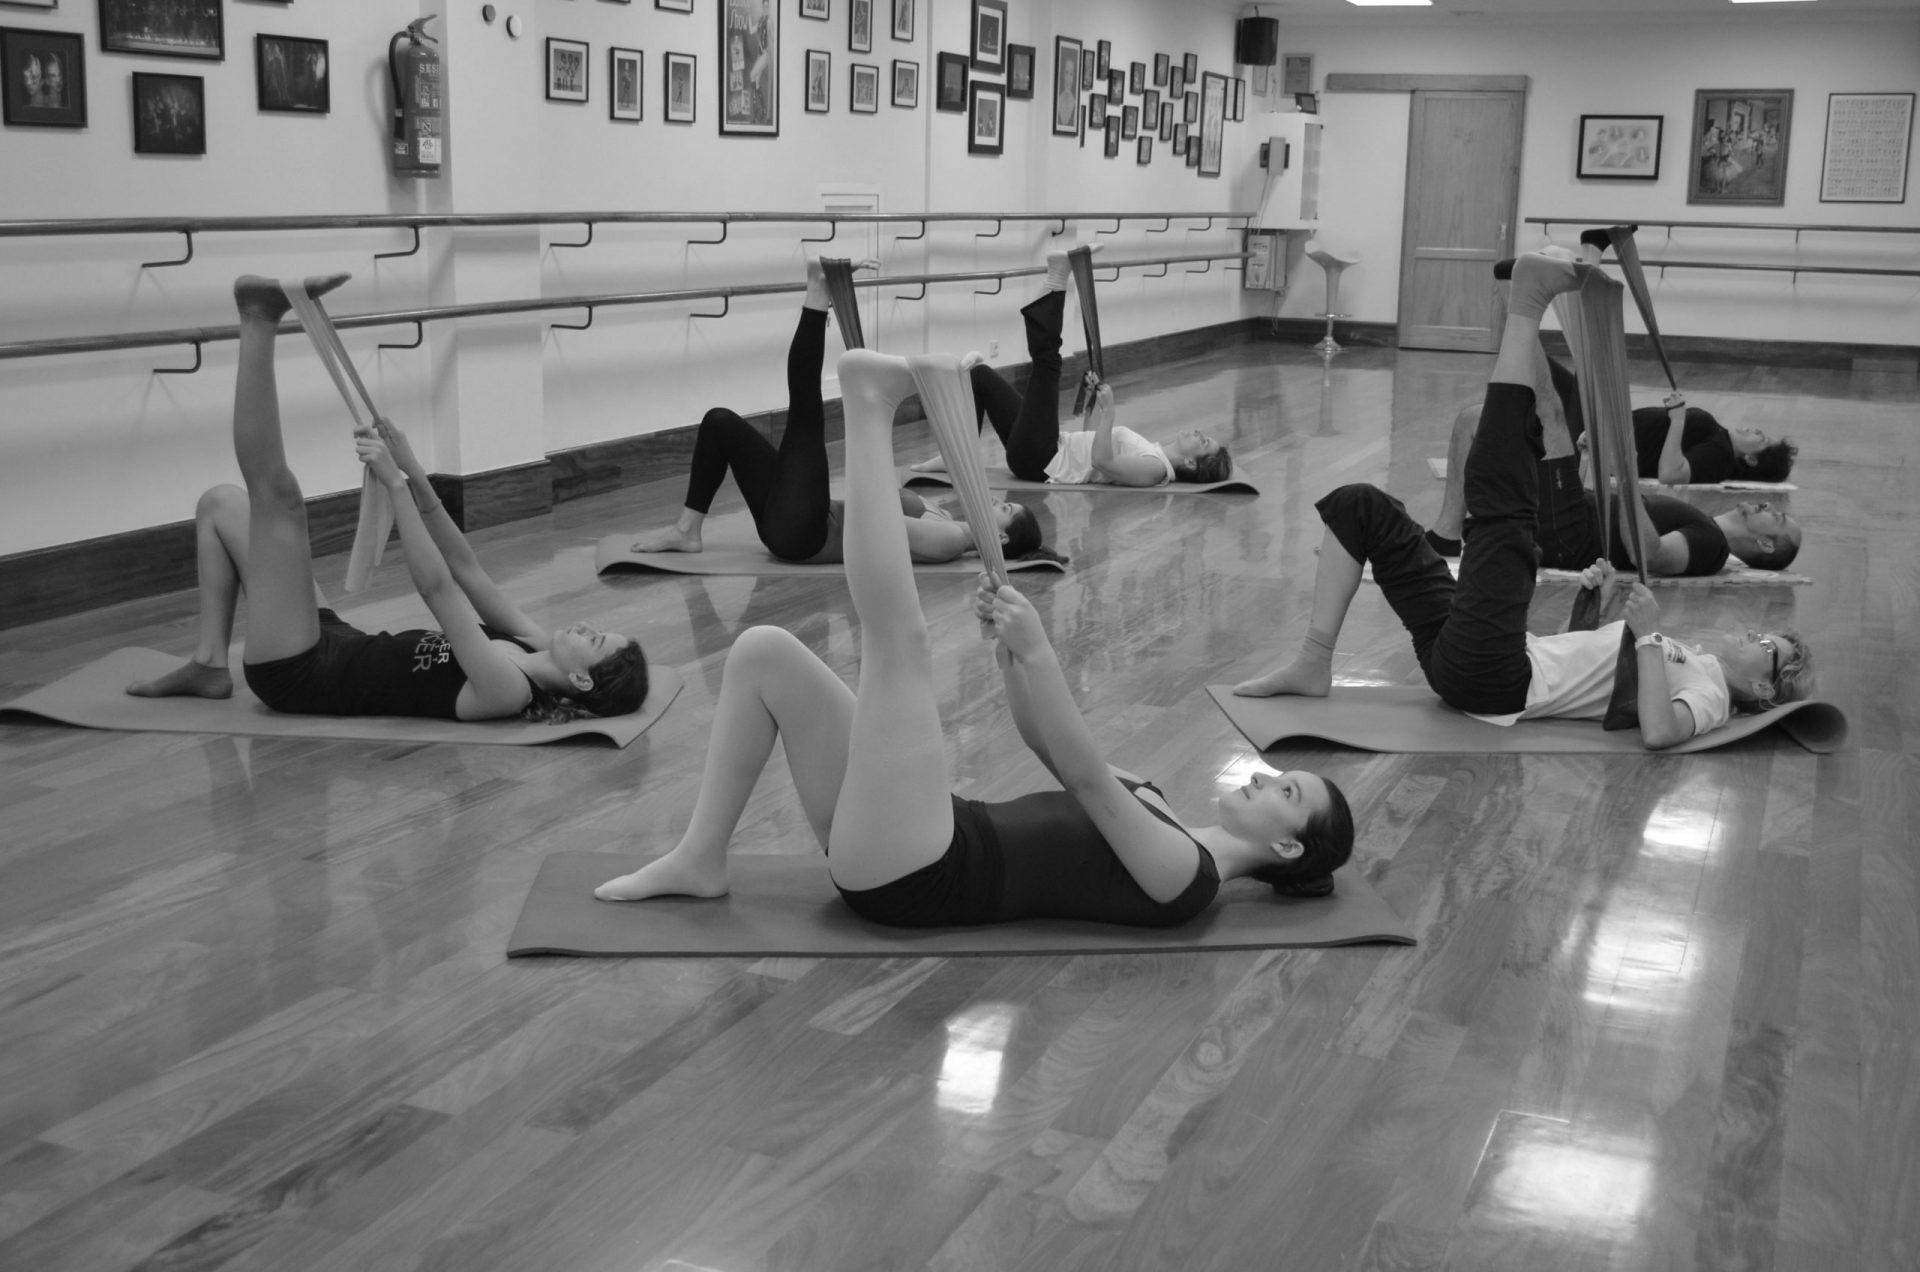 Foto en el Centro de Danza Sandra Santa Cruz donde un grupo de alumnos acostados en una colchoneta tienen un pie elevado que sujetan con una banda de paraband durante una clase de Stretching con fit-ball y bandas elásticas para tener mejor forma física.